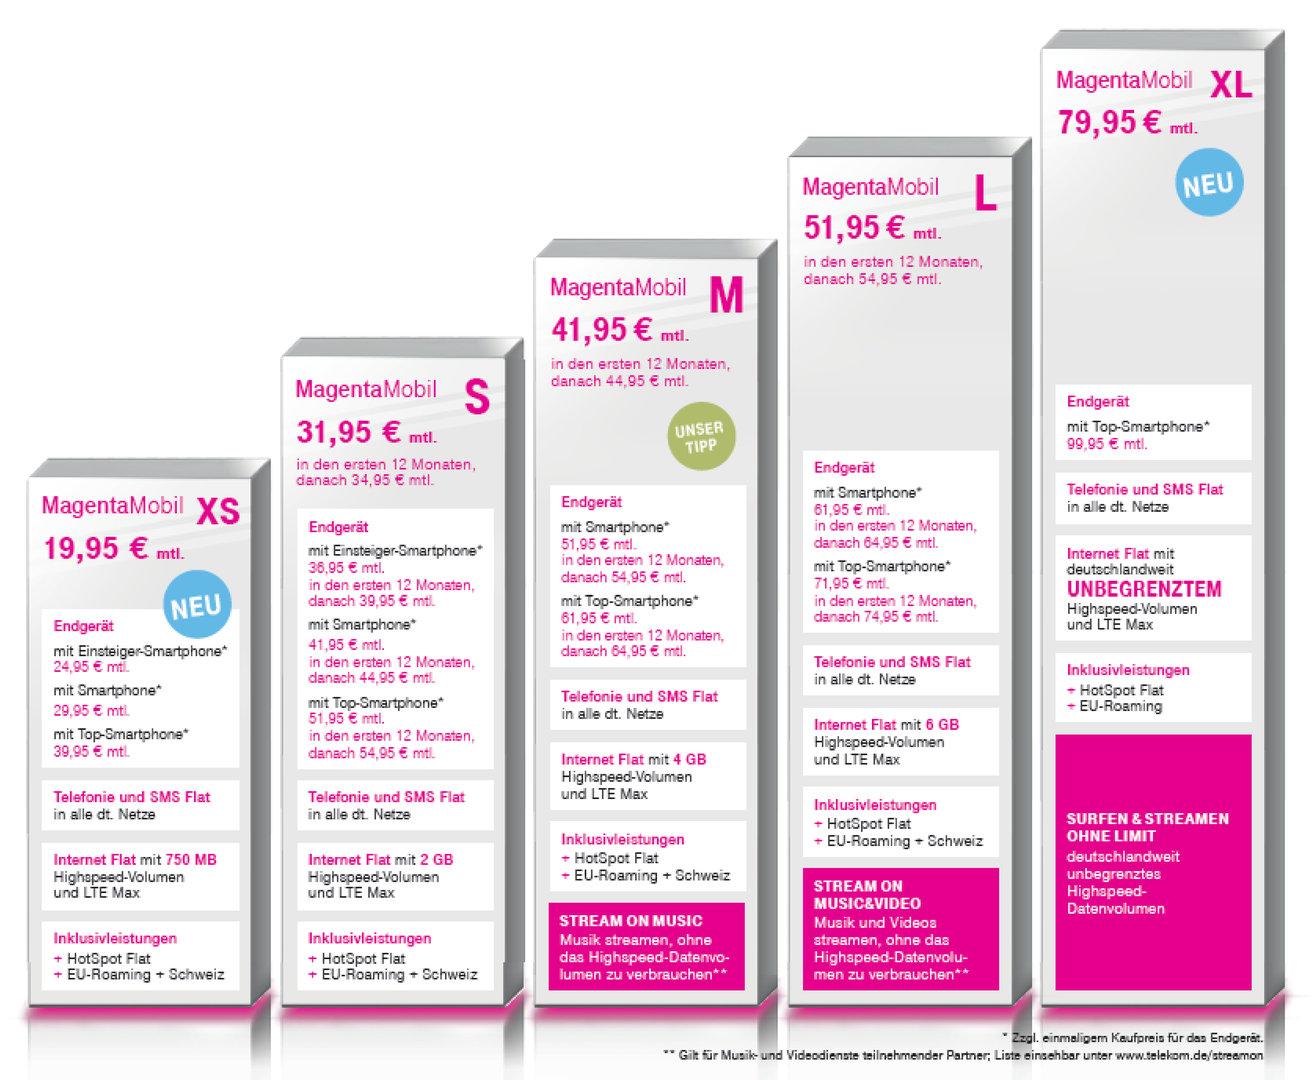 Neues Tarif-Portfolio der Deutschen Telekom